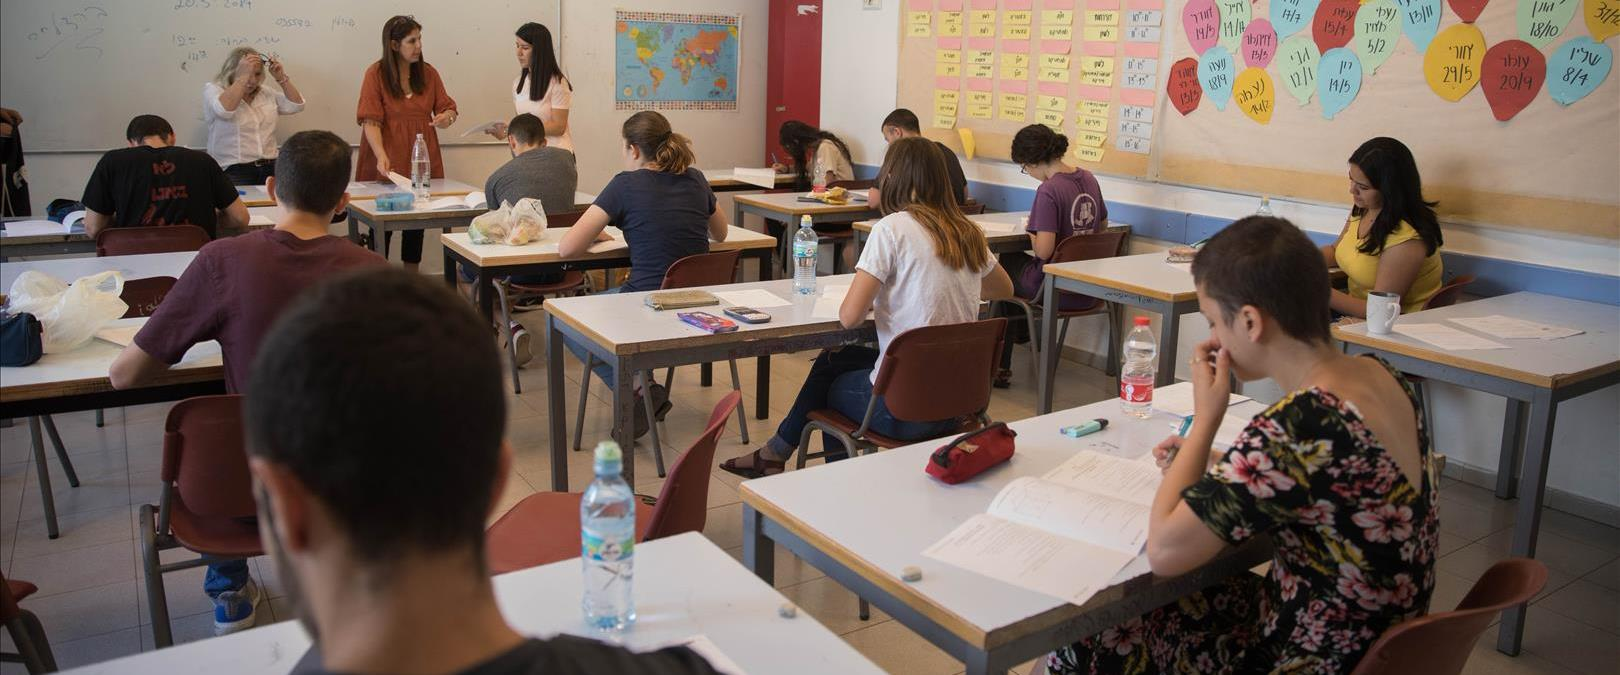 תלמידי תיכון בבחינת הבגרות במתמטיקה